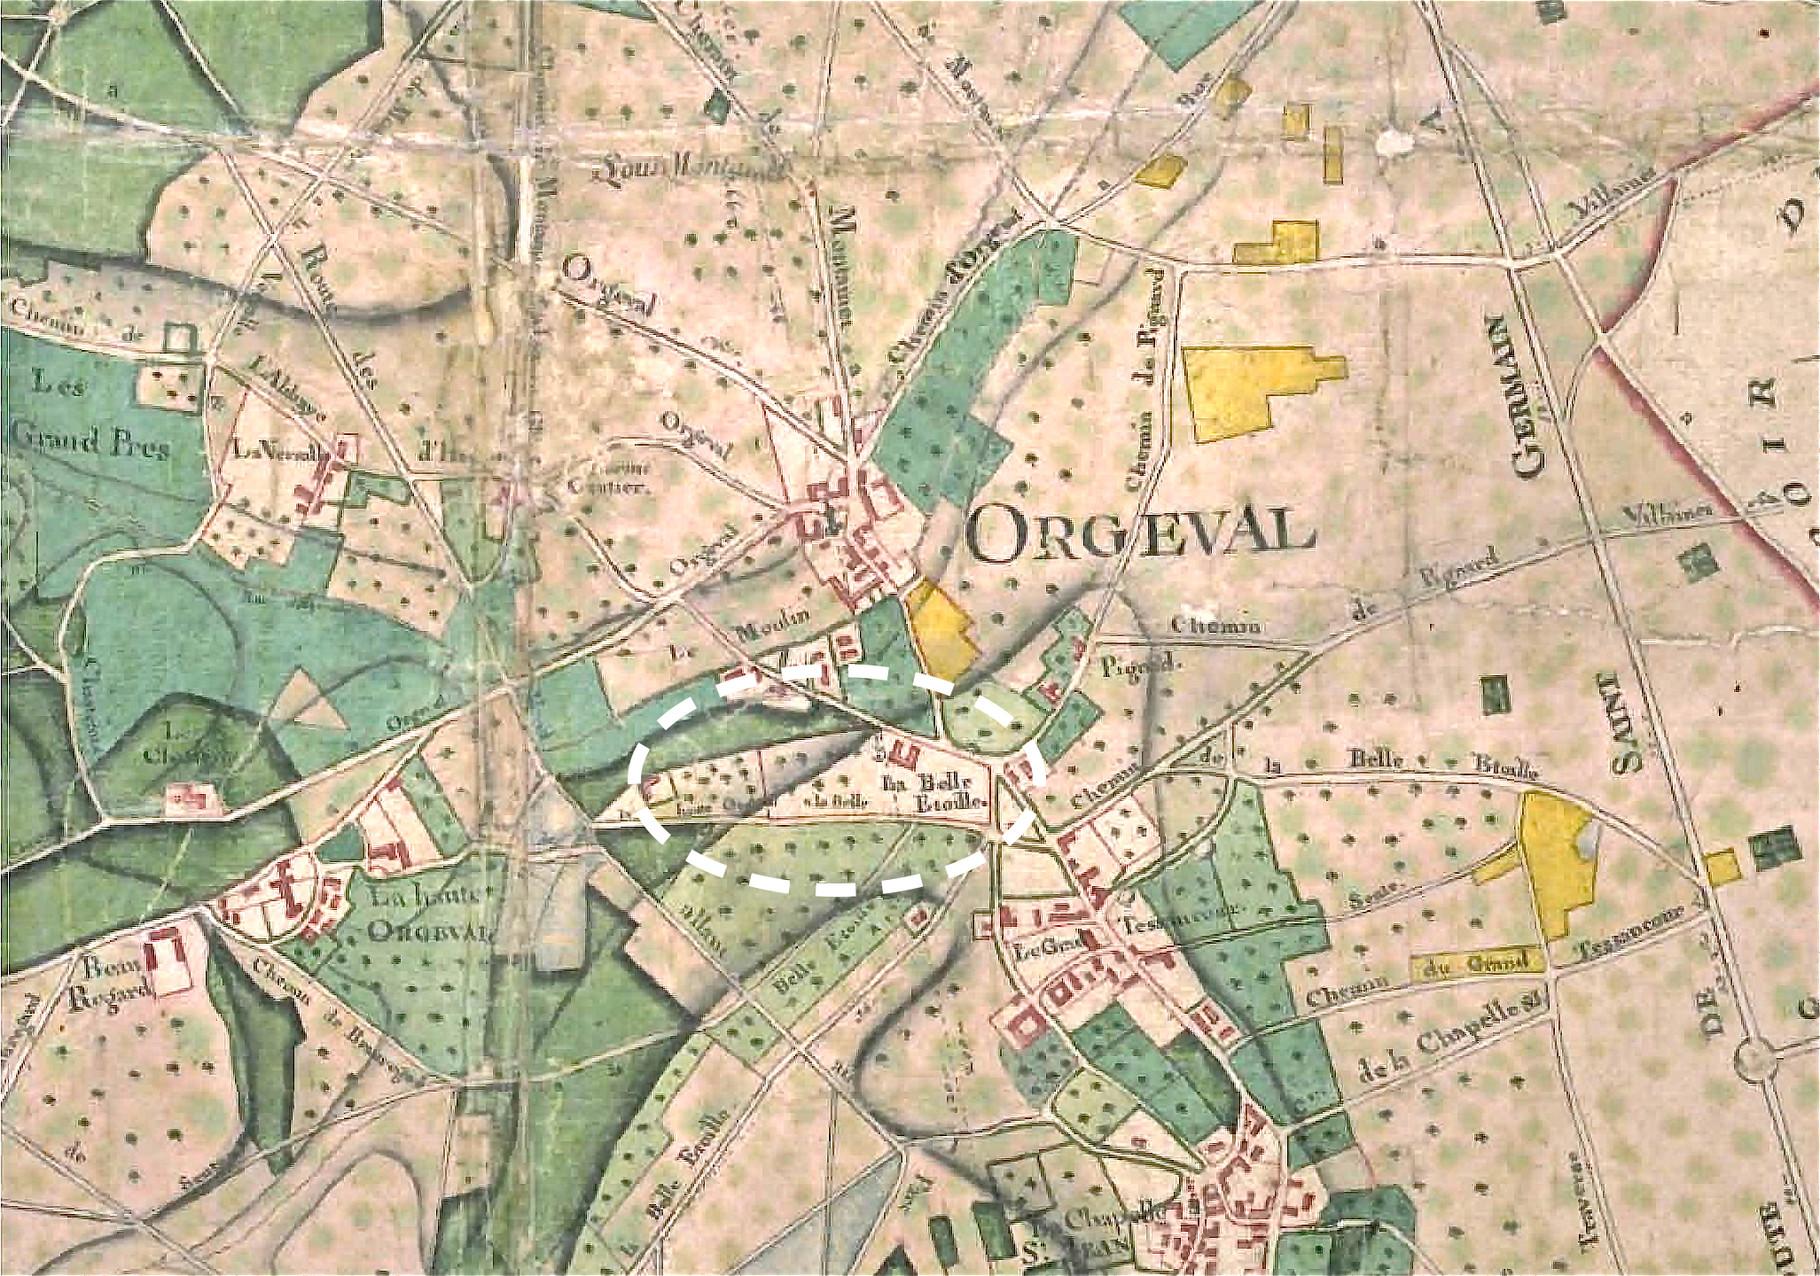 Plan d'intendance de la paroisse d'Orgeval, 1787 - Source: Archives 78